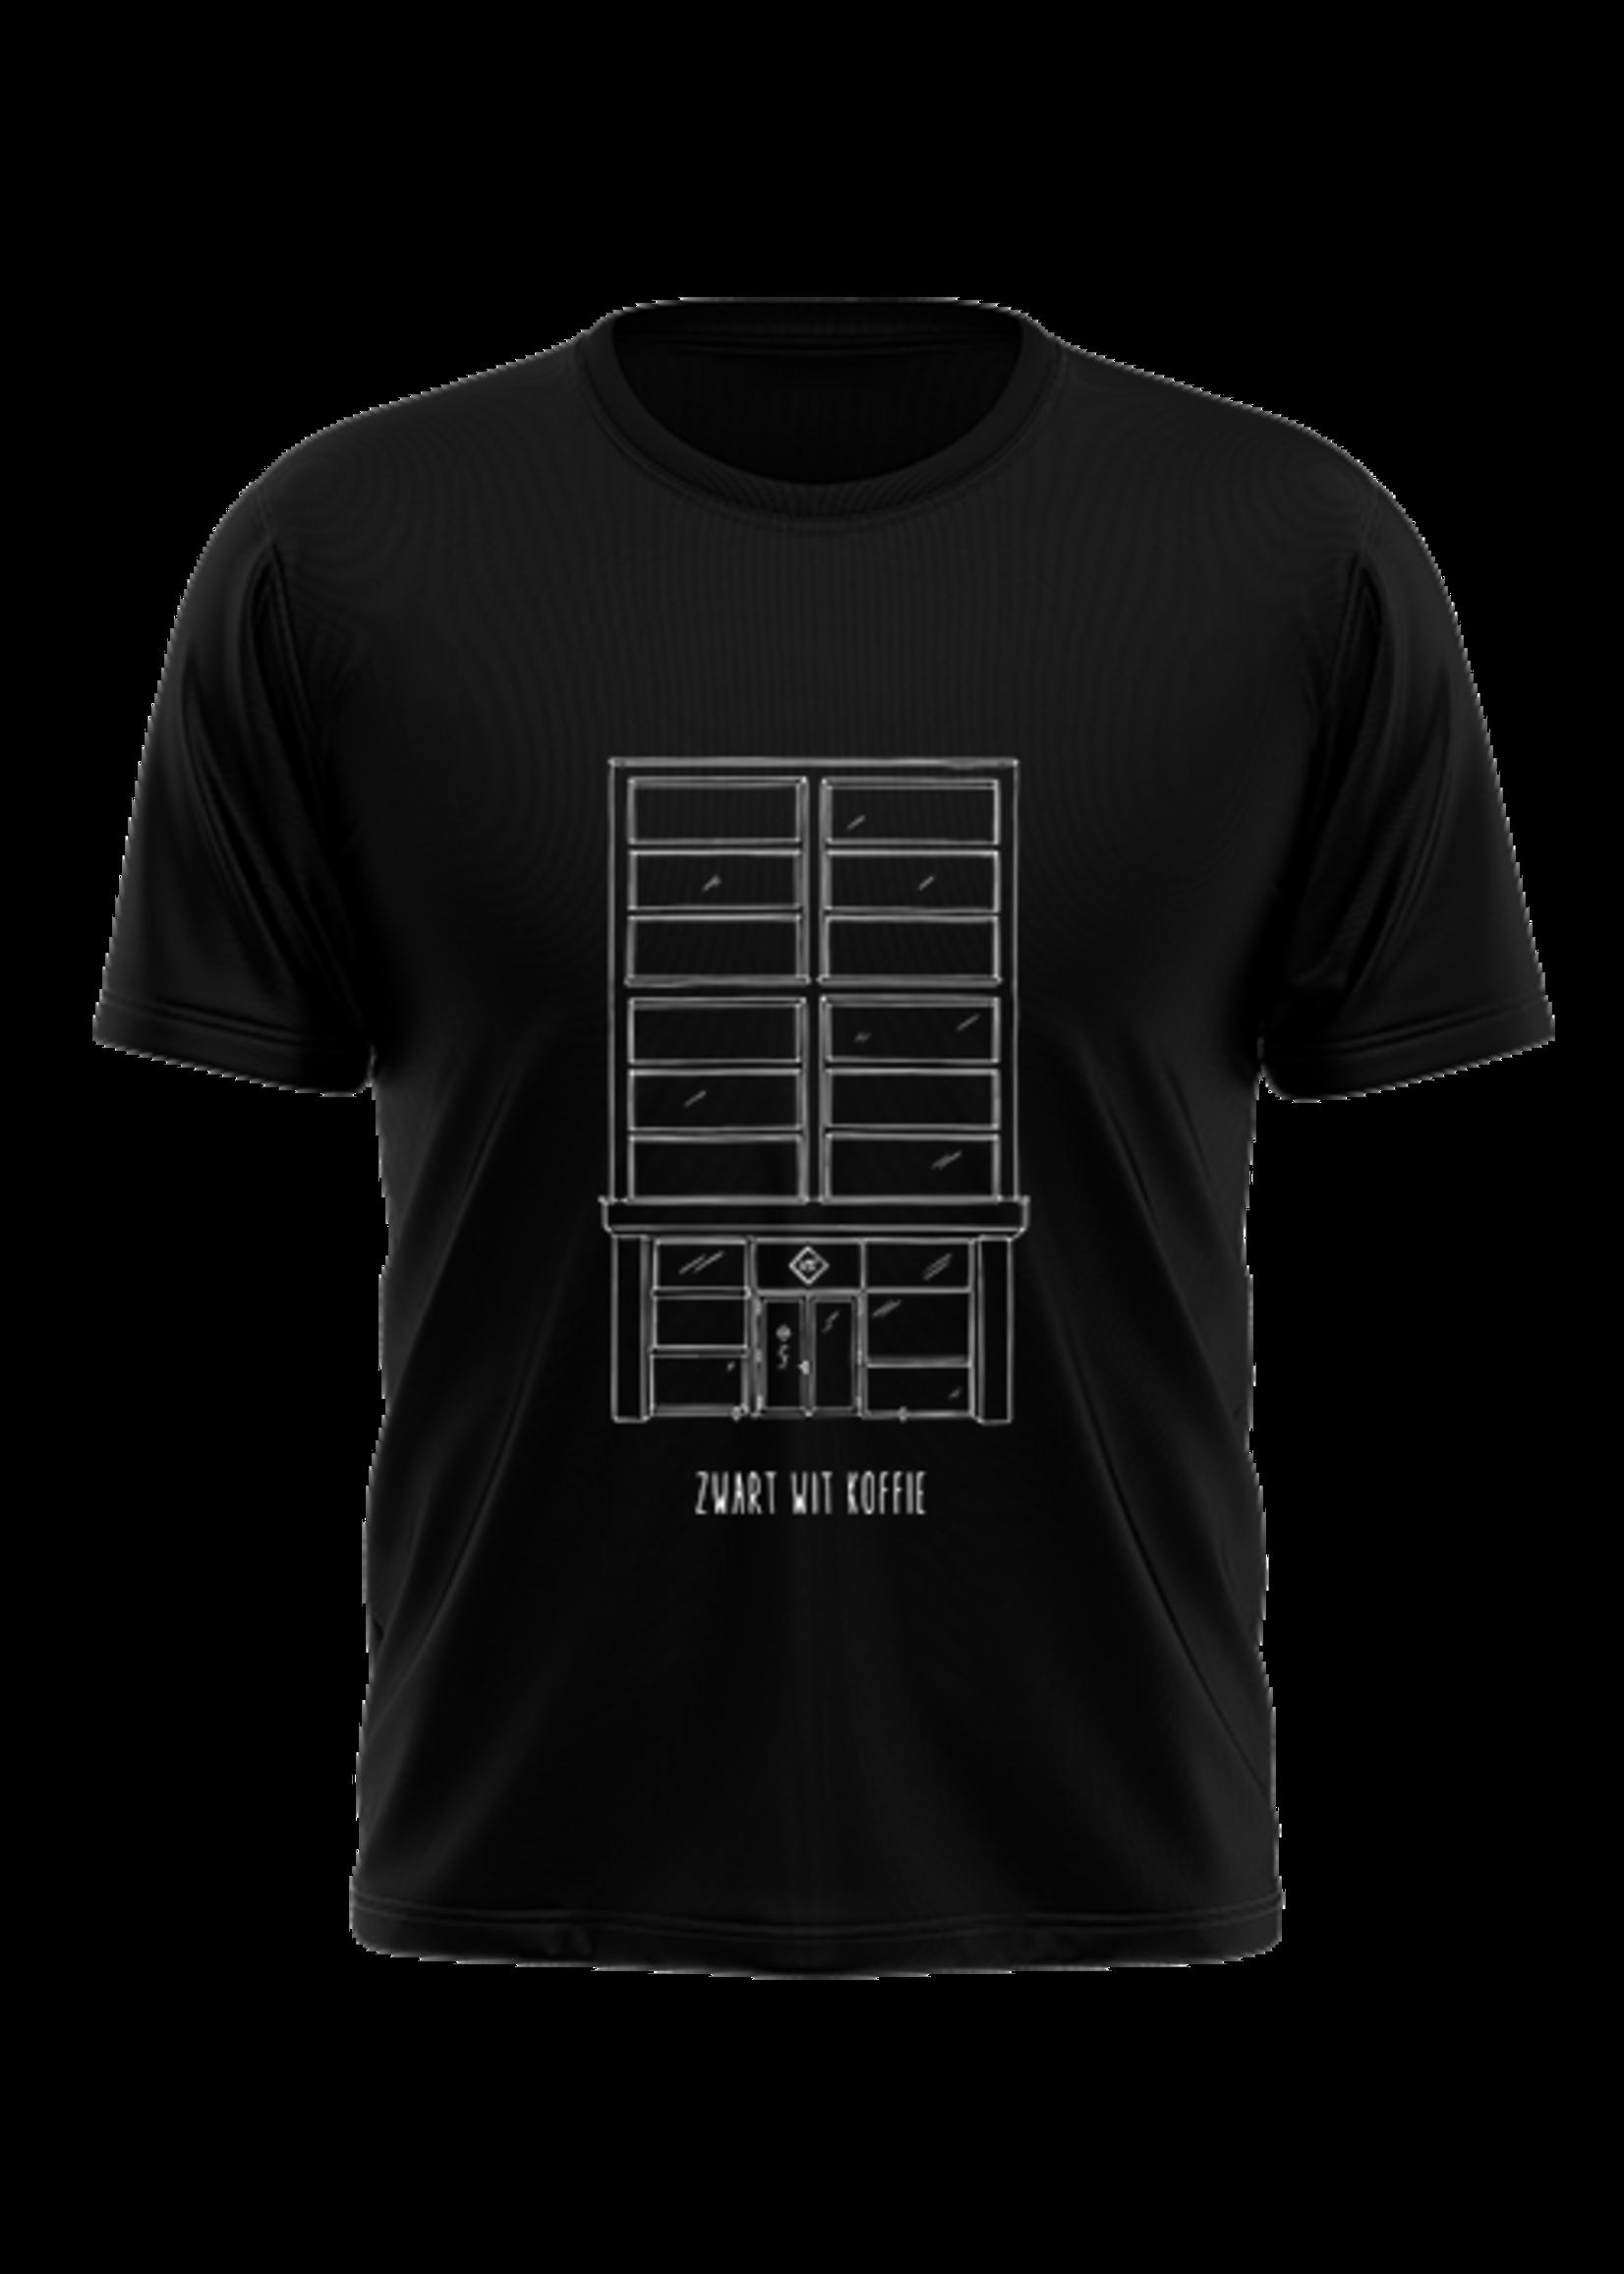 Rebel & Dutch ZwartWit Koffie T-shirt